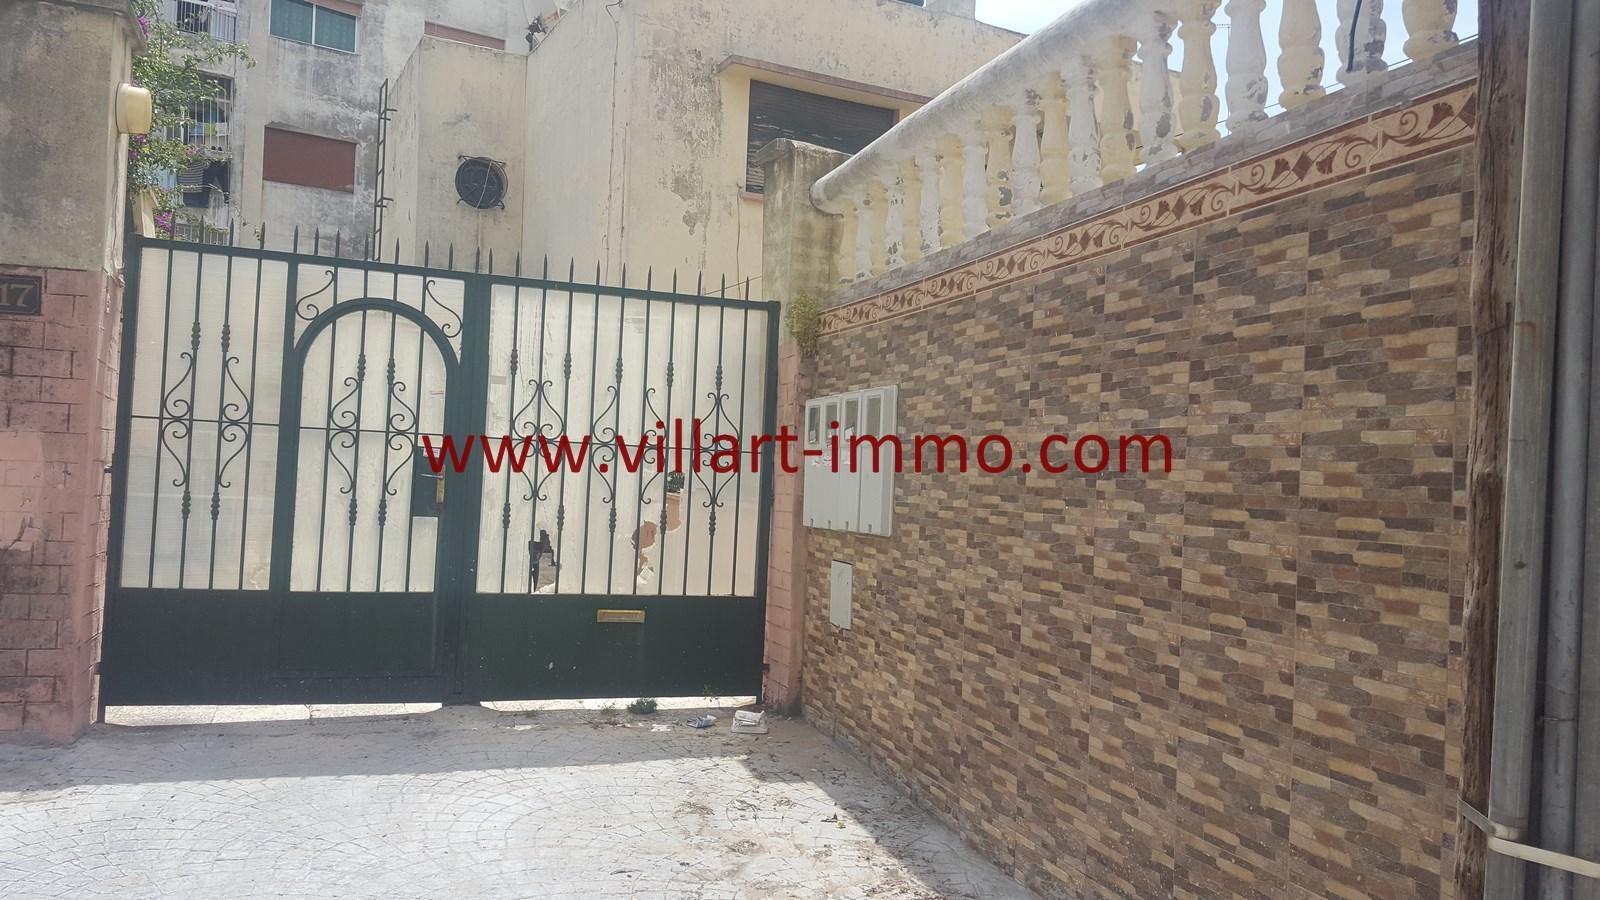 1-Vente-Maison-Tanger-Centre Ville-Entrée-VM499-Villart Immo